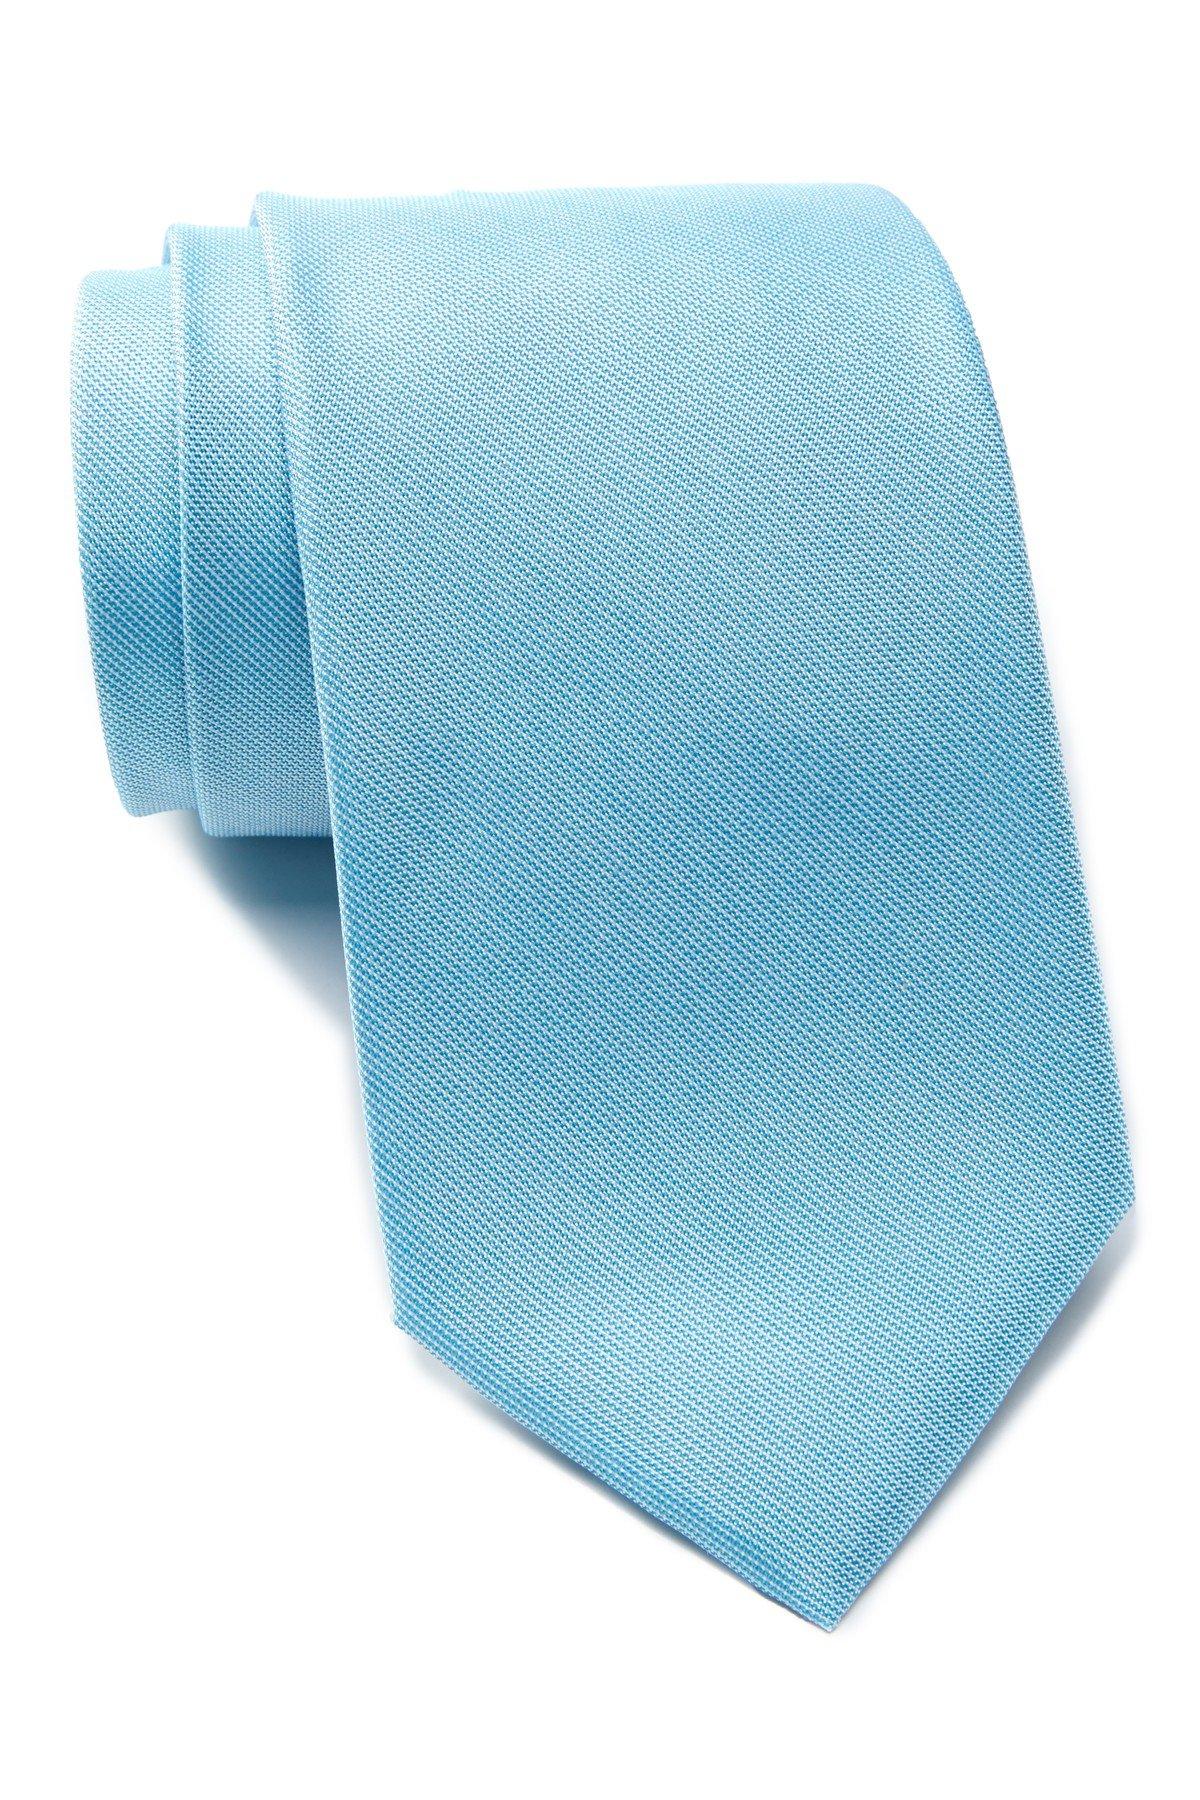 Ben Sherman Men's Spring Solids Silk Tie (Aqua)